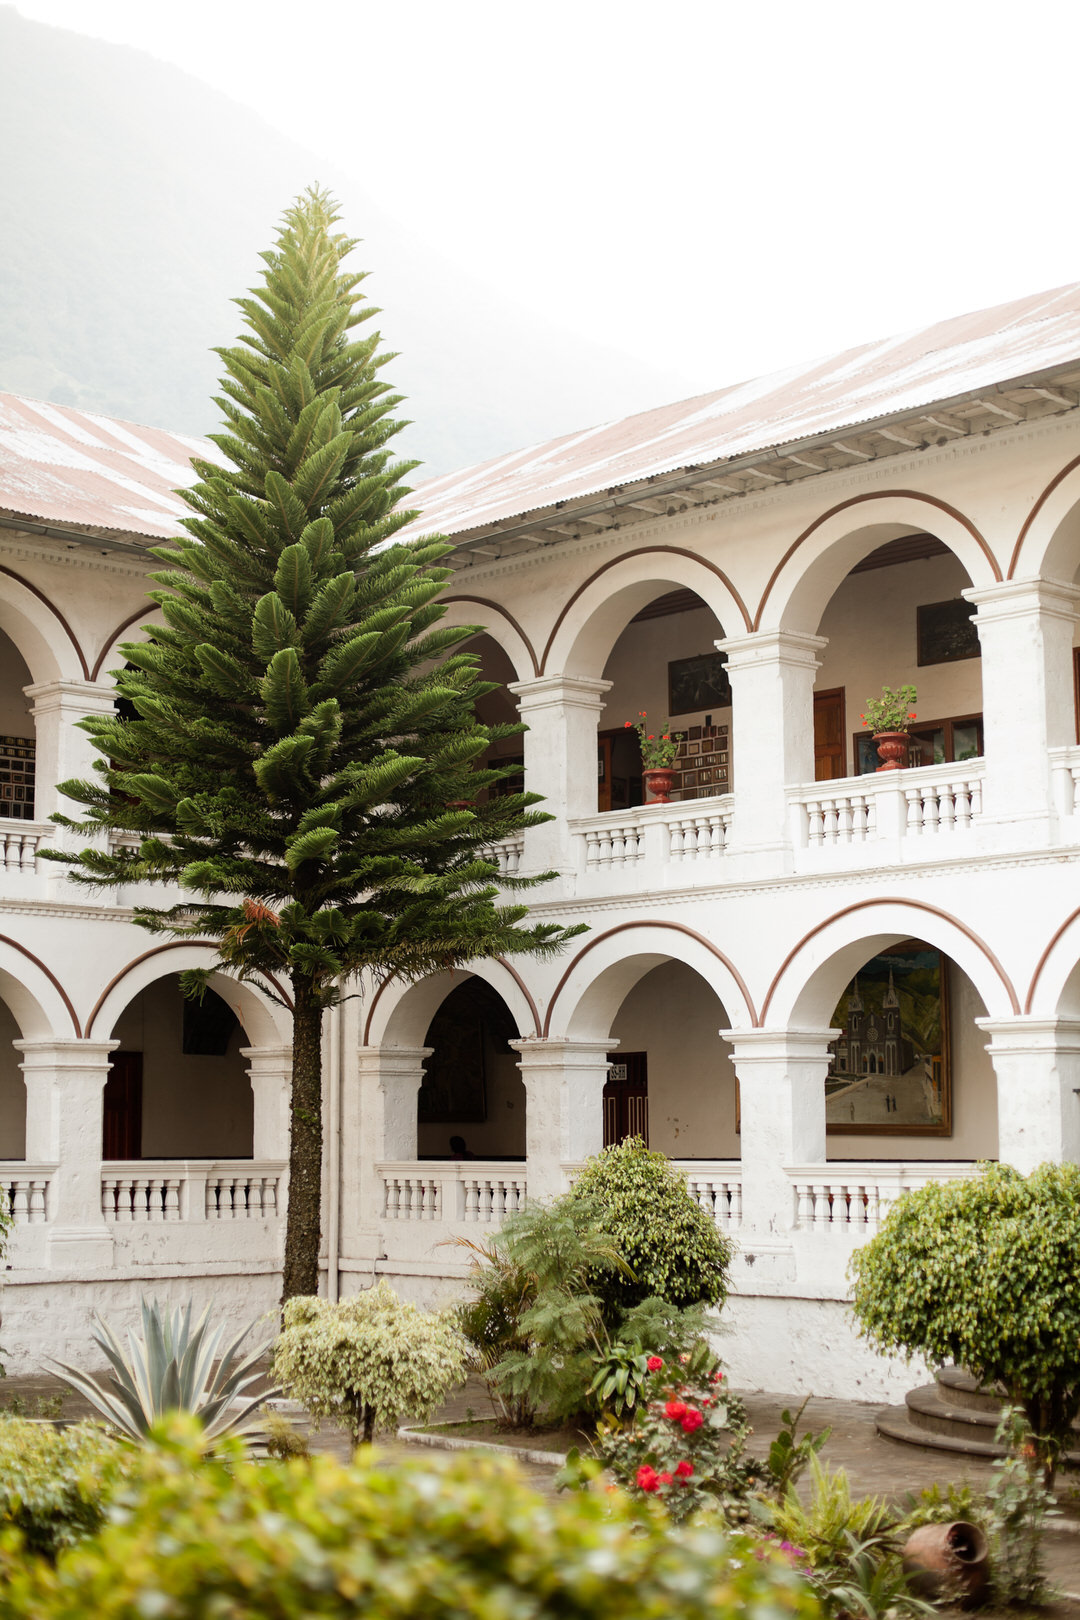 melissa kruse photography - Banos, Ecuador-17.jpg